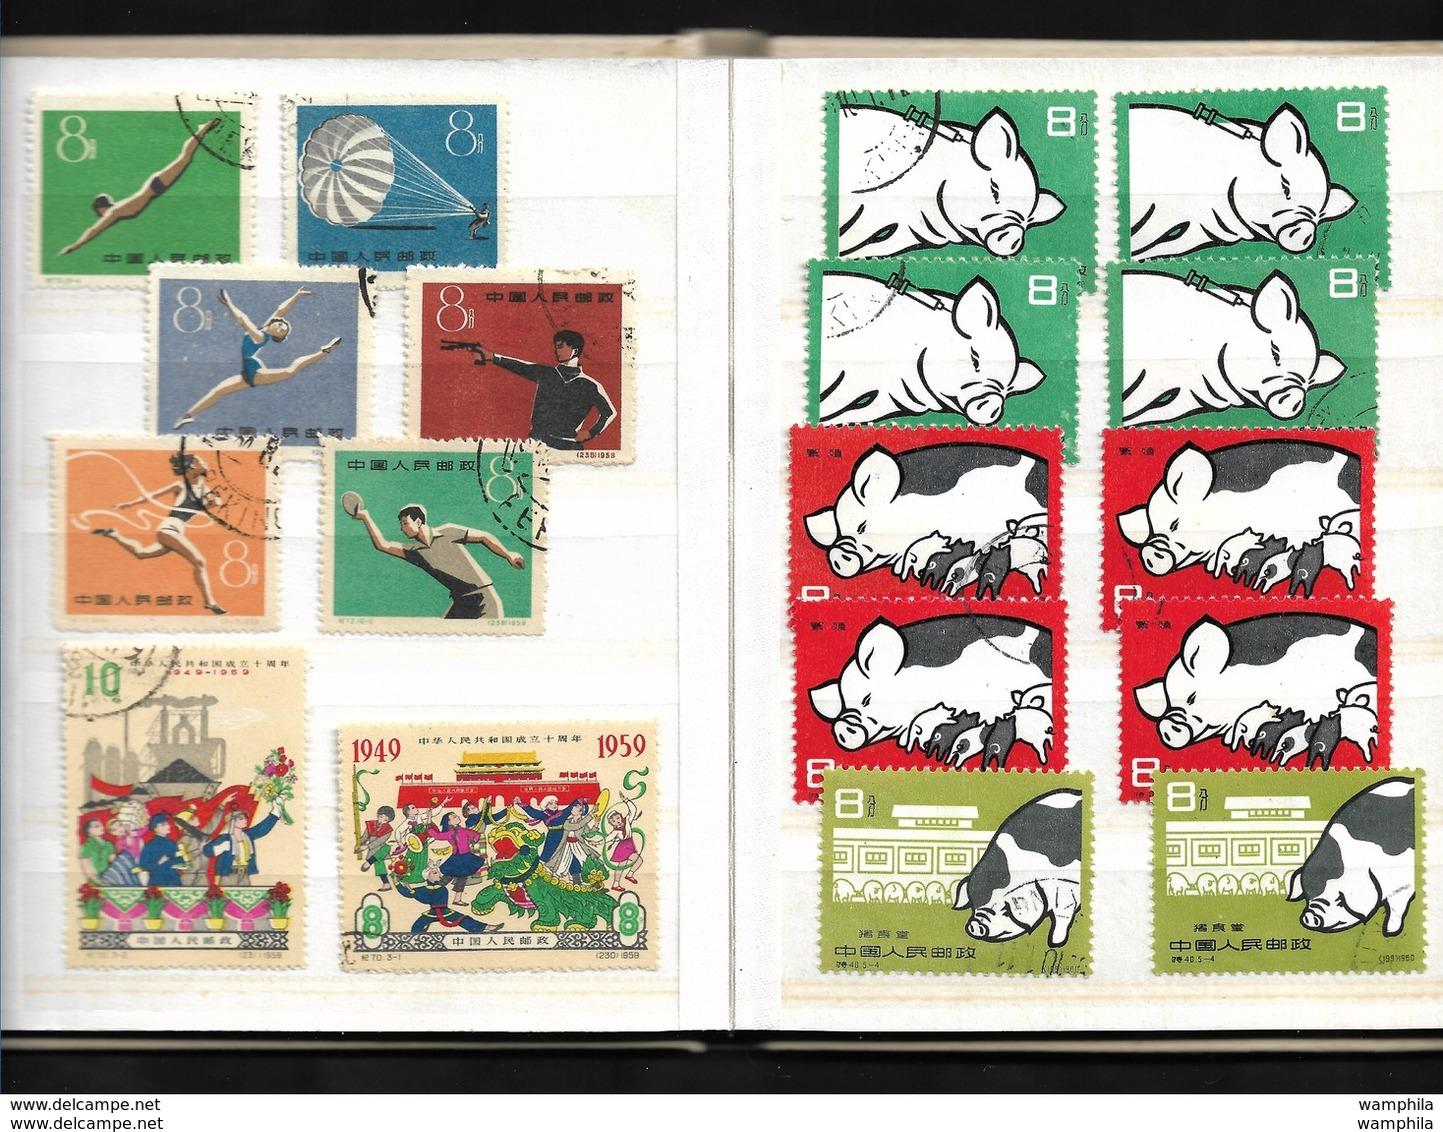 Chine 1898/1950 Un Lot Dans Un Classeur, Des Pochettes,1600 Timbres Neufs Et Oblitérés Dont  Paires,bandes,blocs. - Timbres